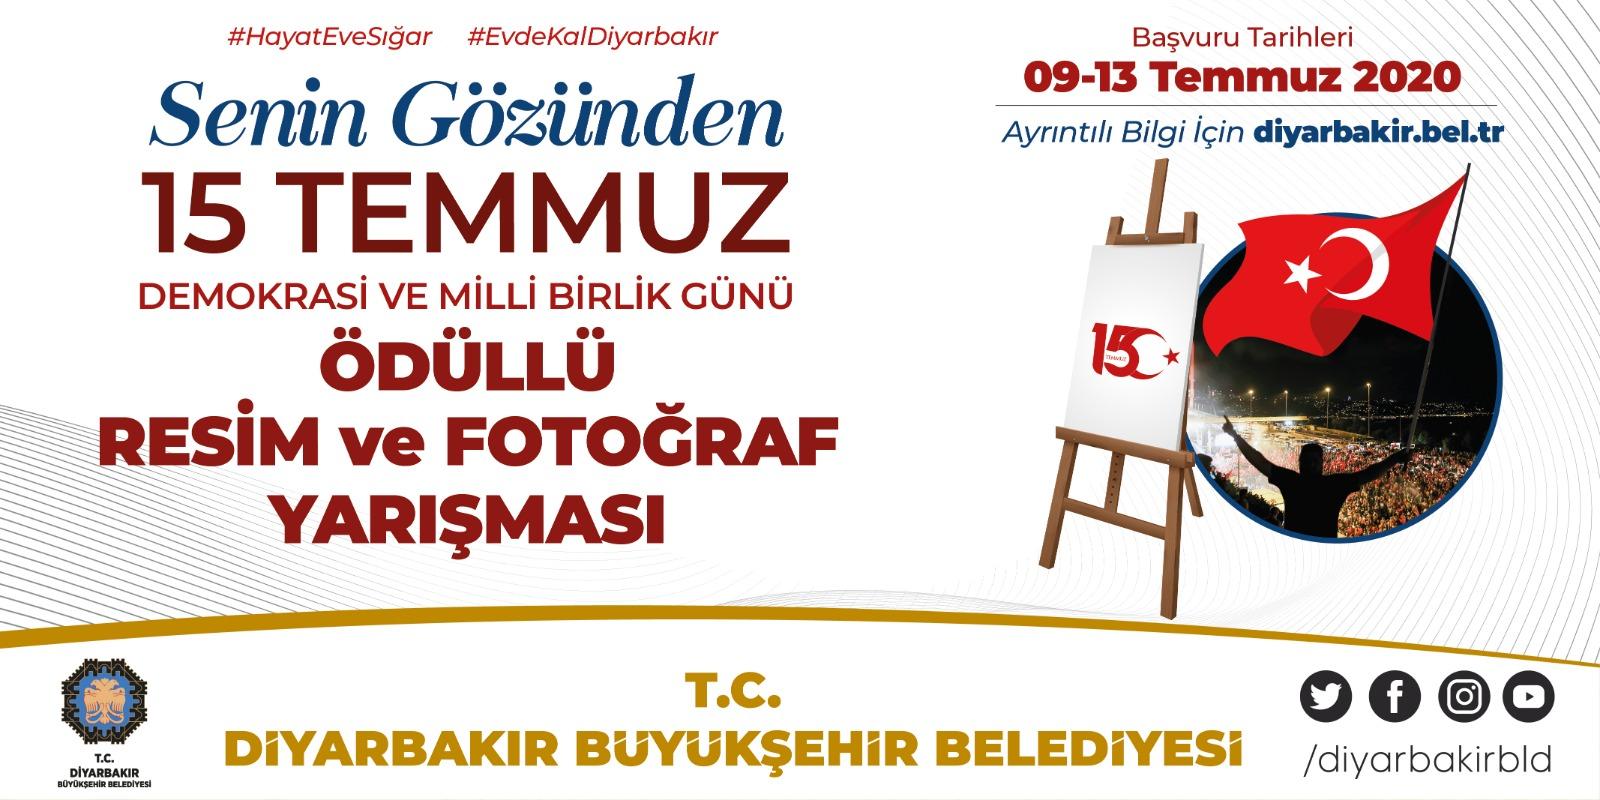 diyarbakir-buyuksehir-belediyesinden-15-temmuz-temali-odullu-yarismalar%2B%25283%2529